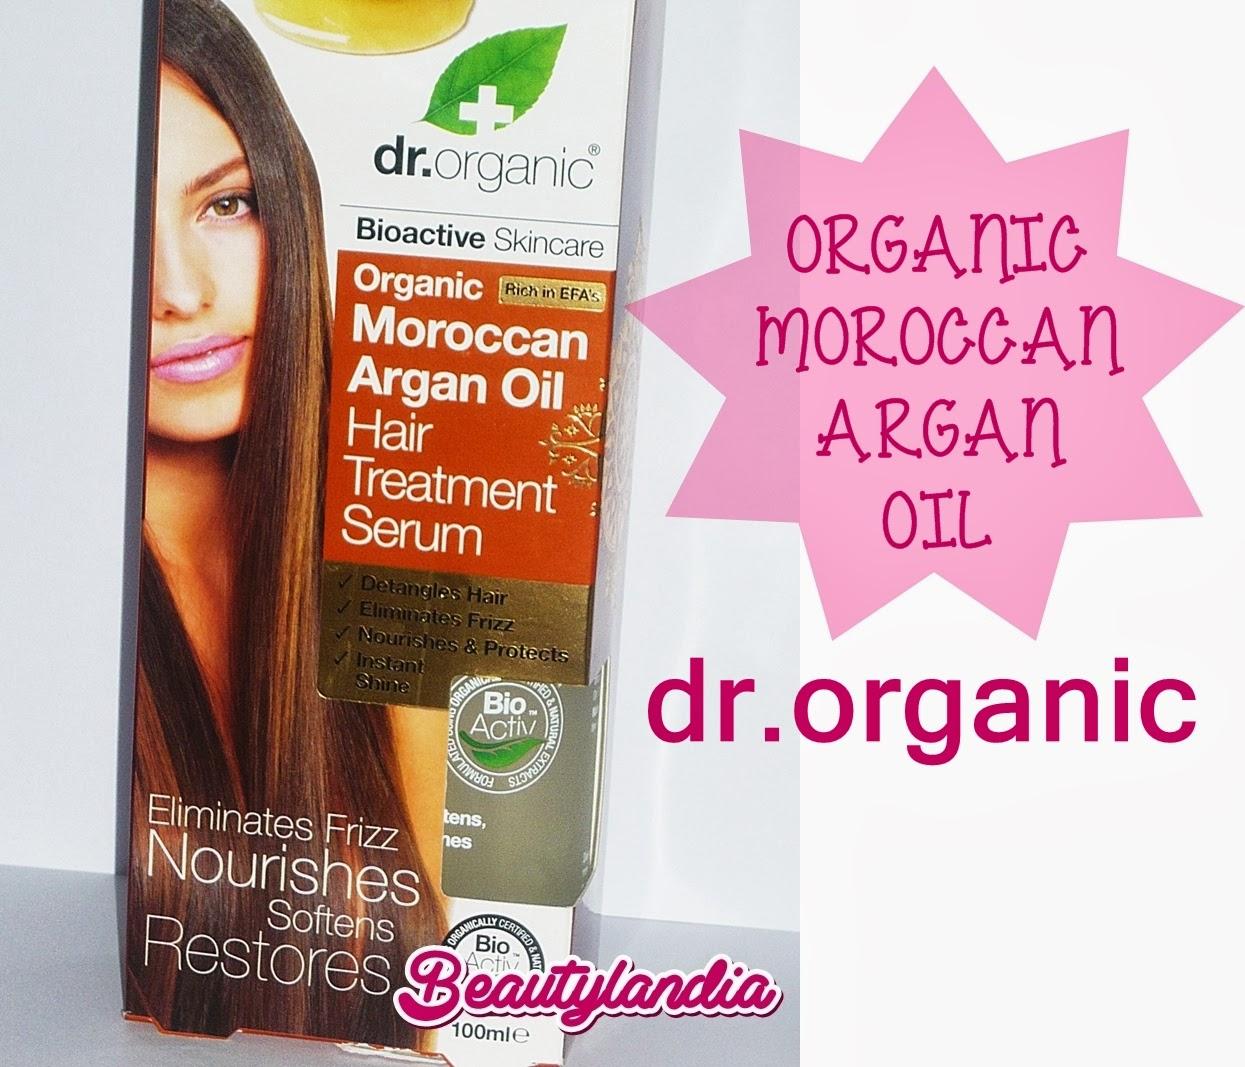 ORGANIC MOROCCAN OIL HAIR TREATMENT SERUM